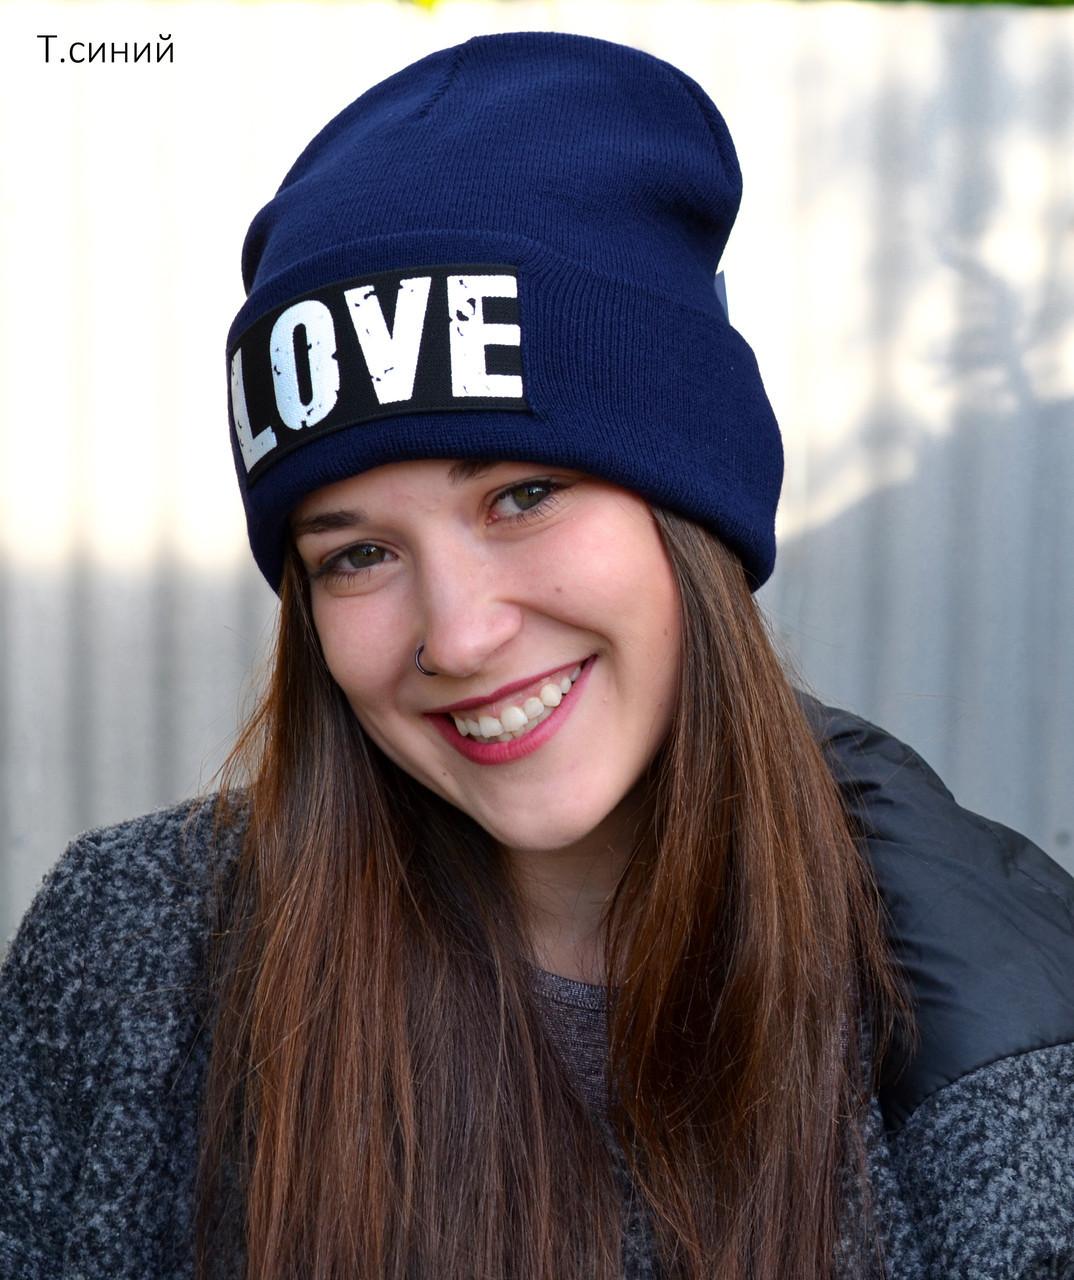 Шапка LOVE размер 56 (осень, зима)